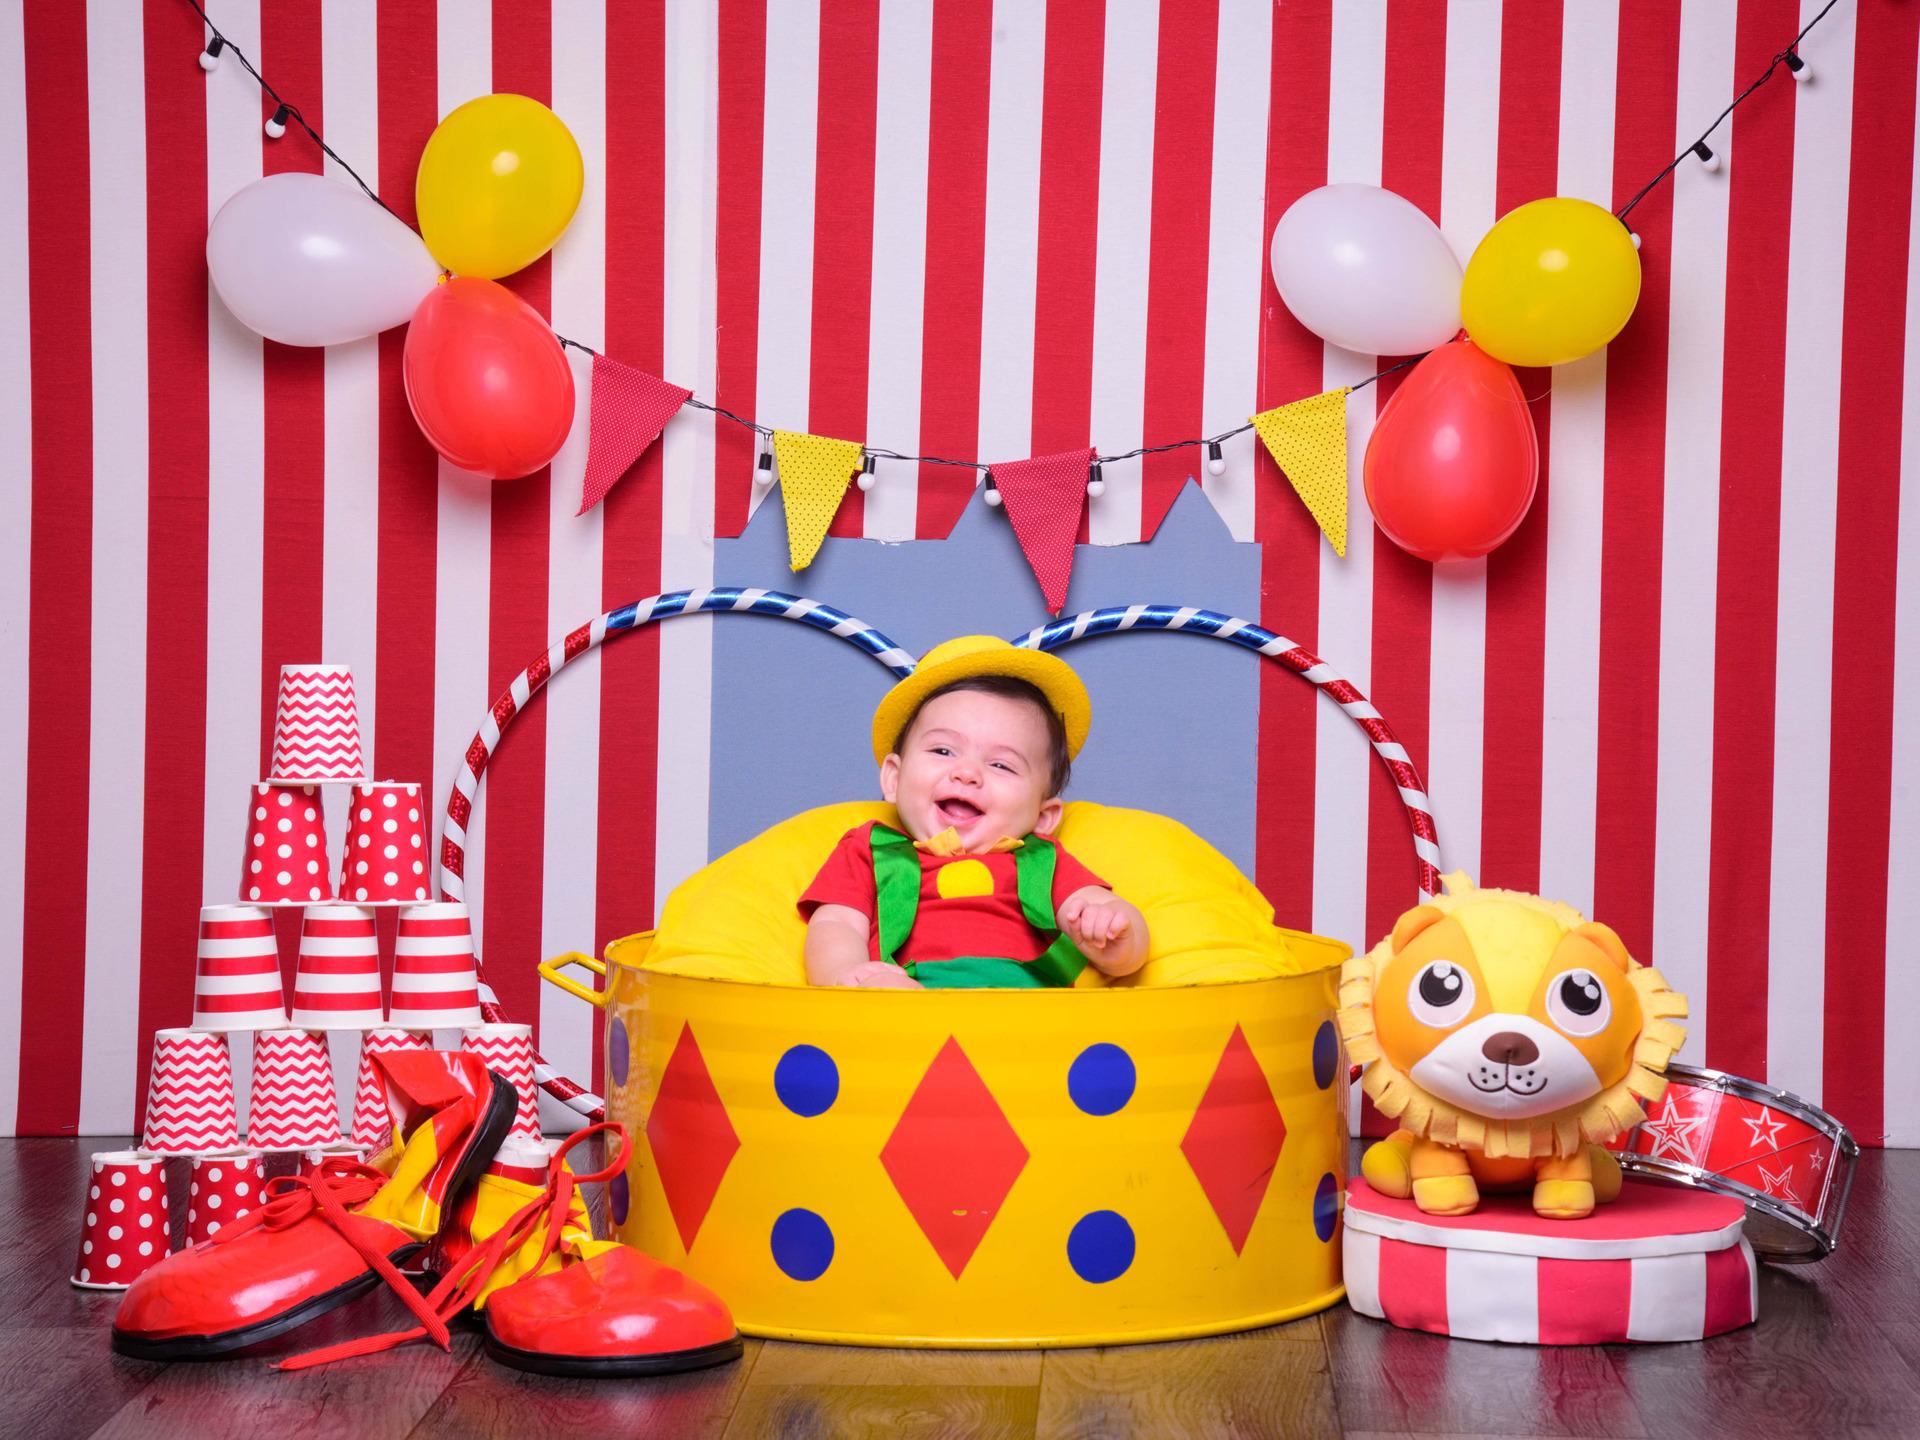 foto de bebê, ensaio infantil, fotografia infantil, sessão circo, pipoca, picadeiro, palhaço, bebê fantasiado, bebê palhacinho, inspiração ensaio bebês, foto de circo, sessão fotografica familia, bebês fofos, bebês sorridentes